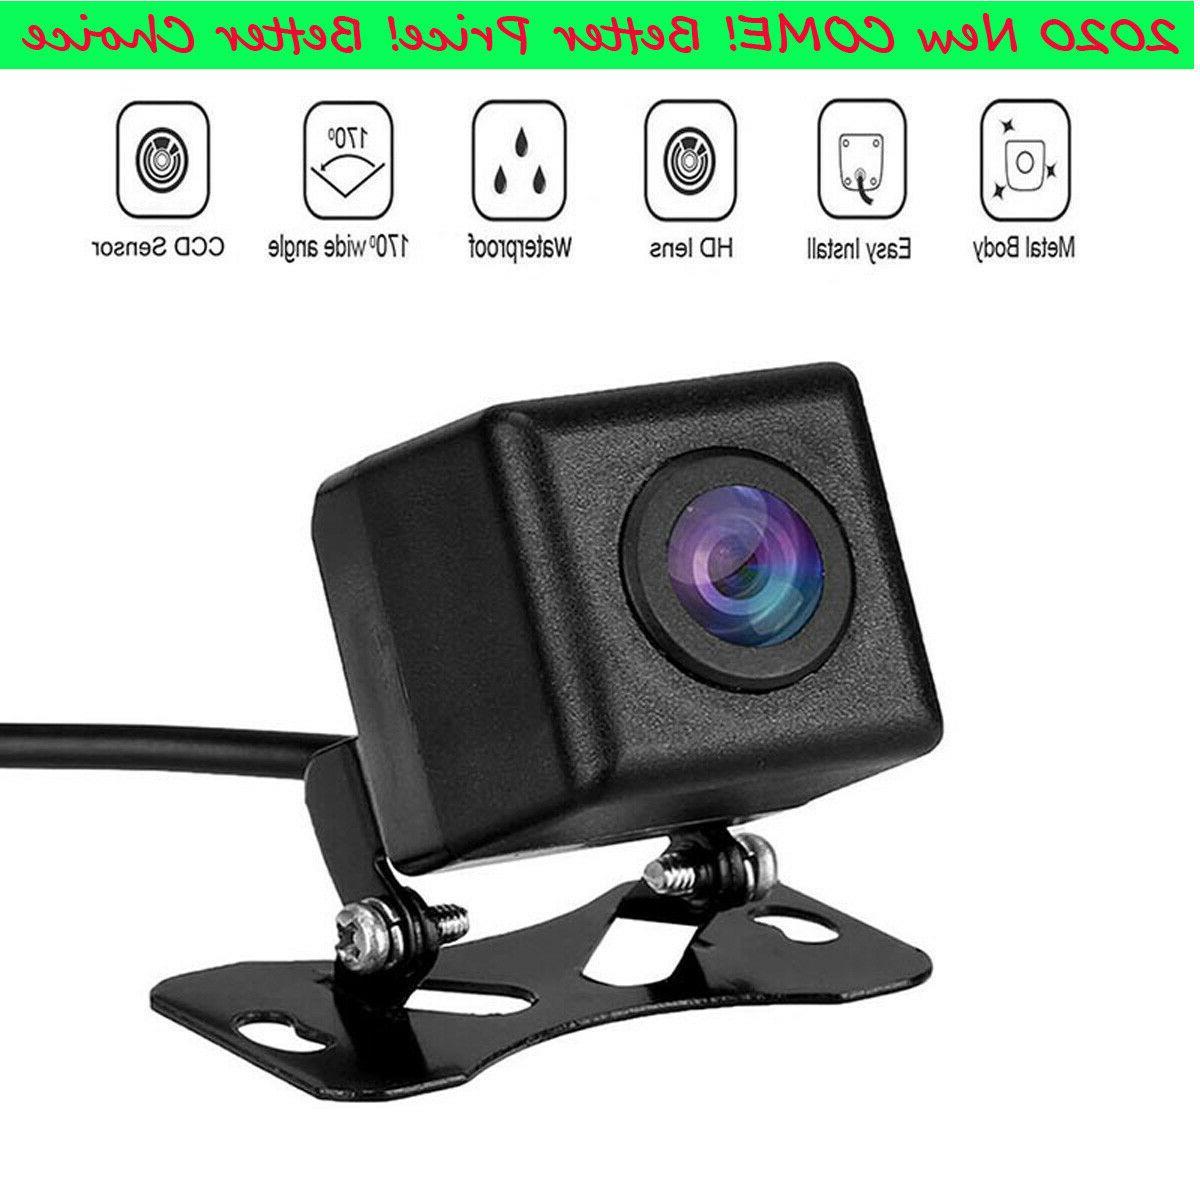 12V Vision Waterproof Car Rear Reverse Parking Camera 170°